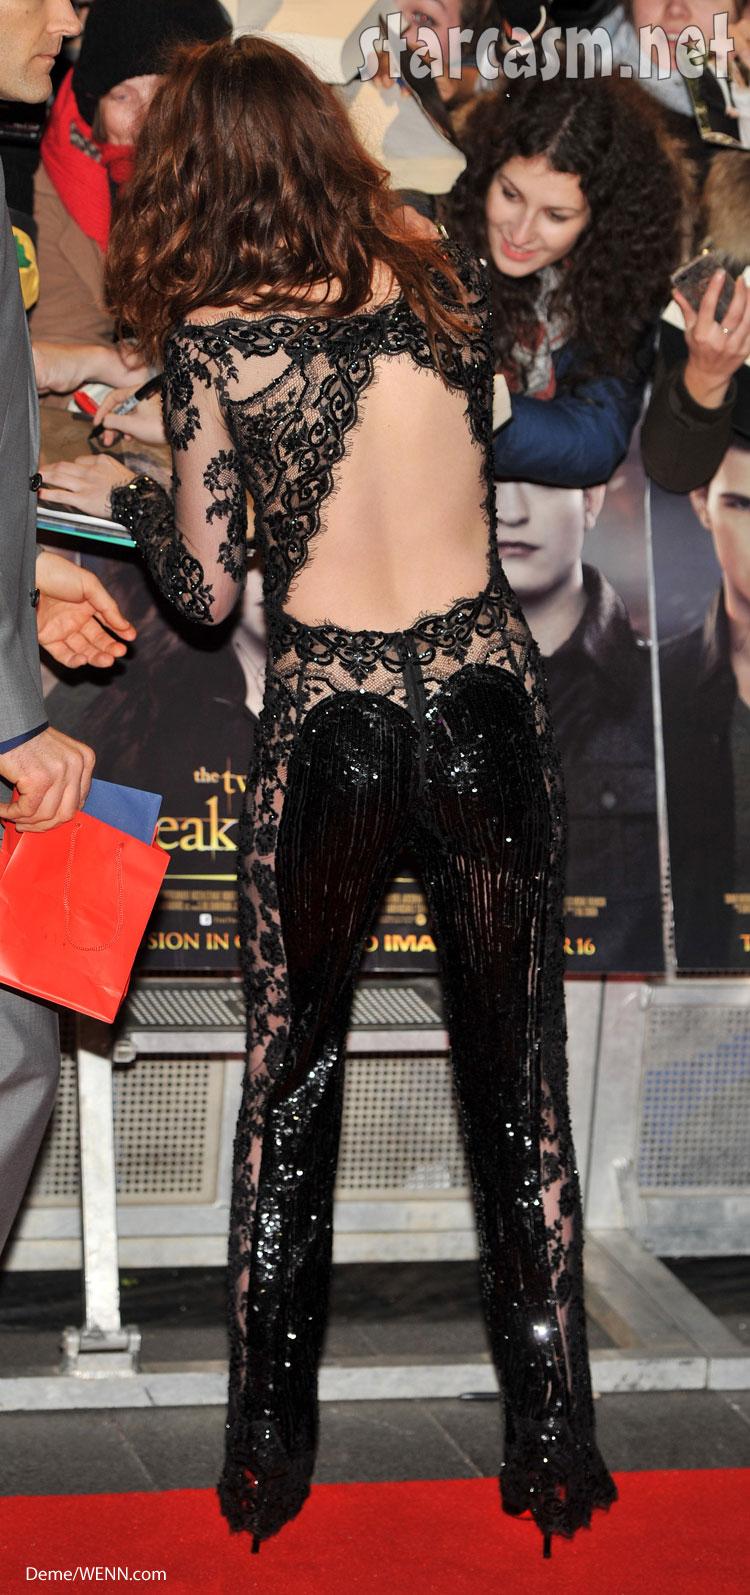 Kristen Stewart jumpsuit Twilight premire